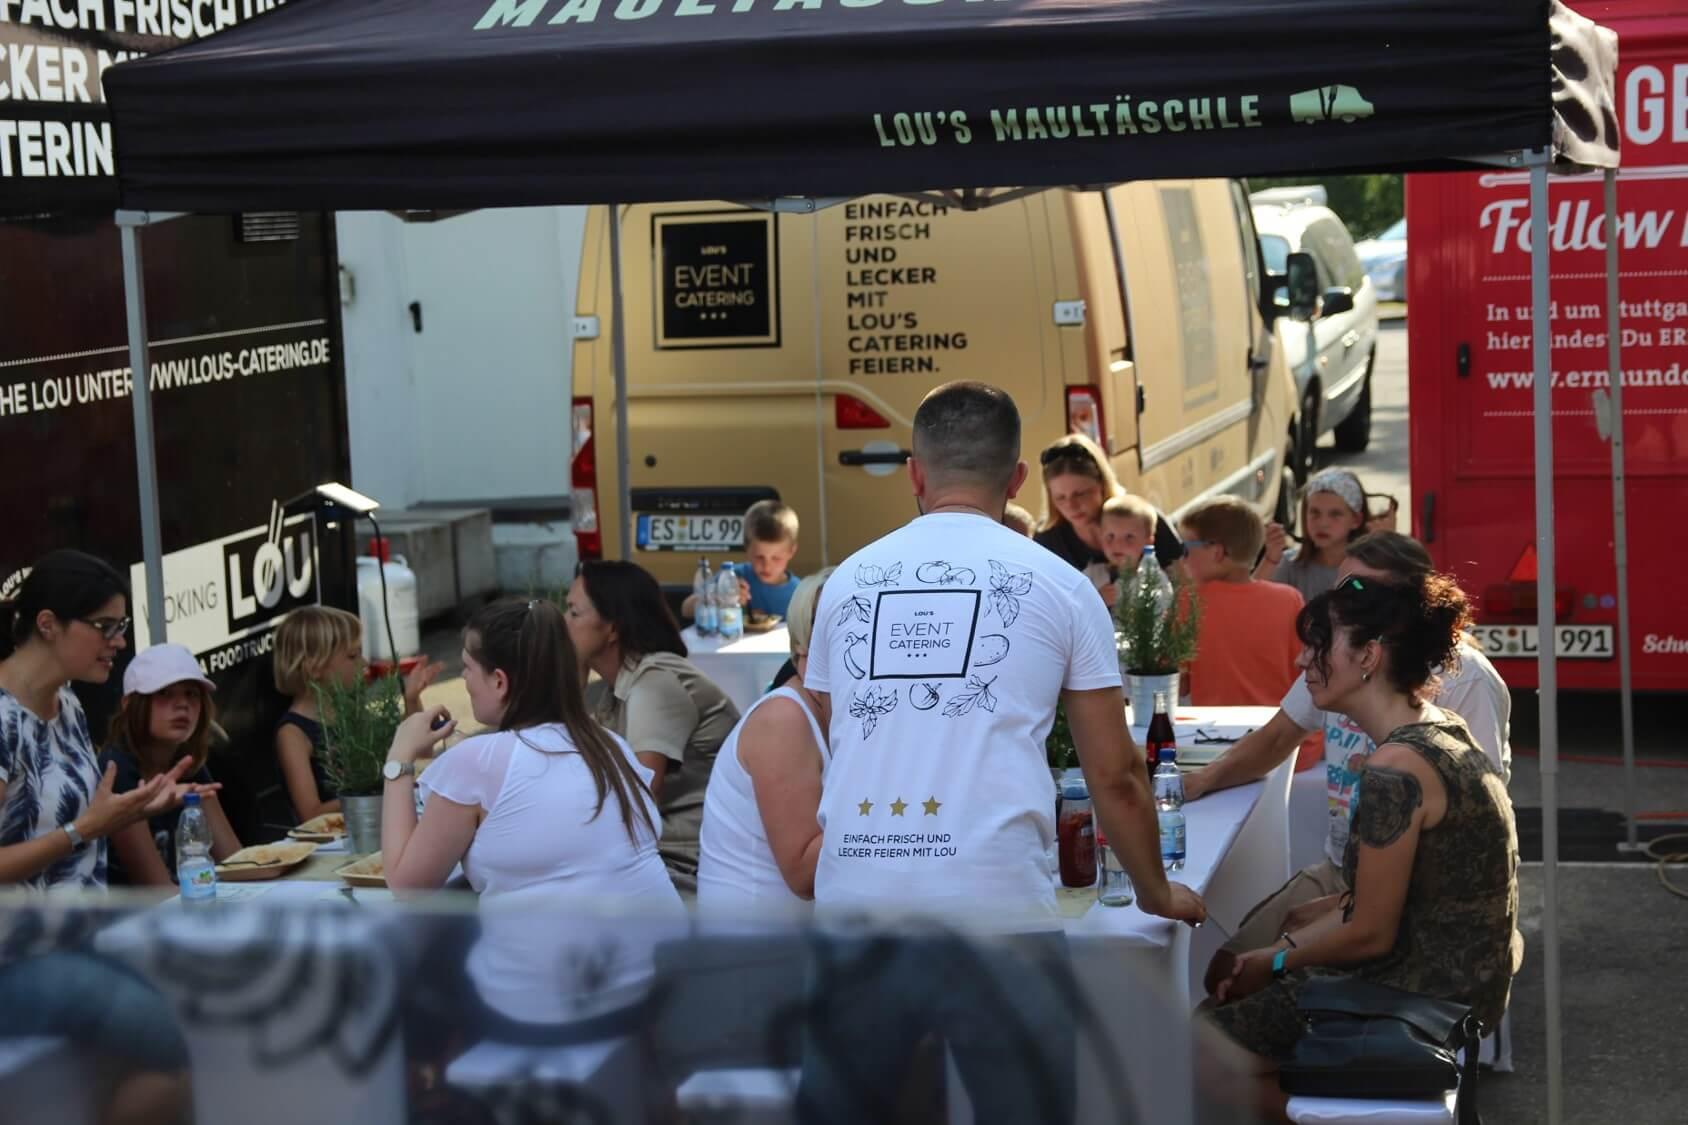 Foodtruck Catering Stuttgart schwäbisch